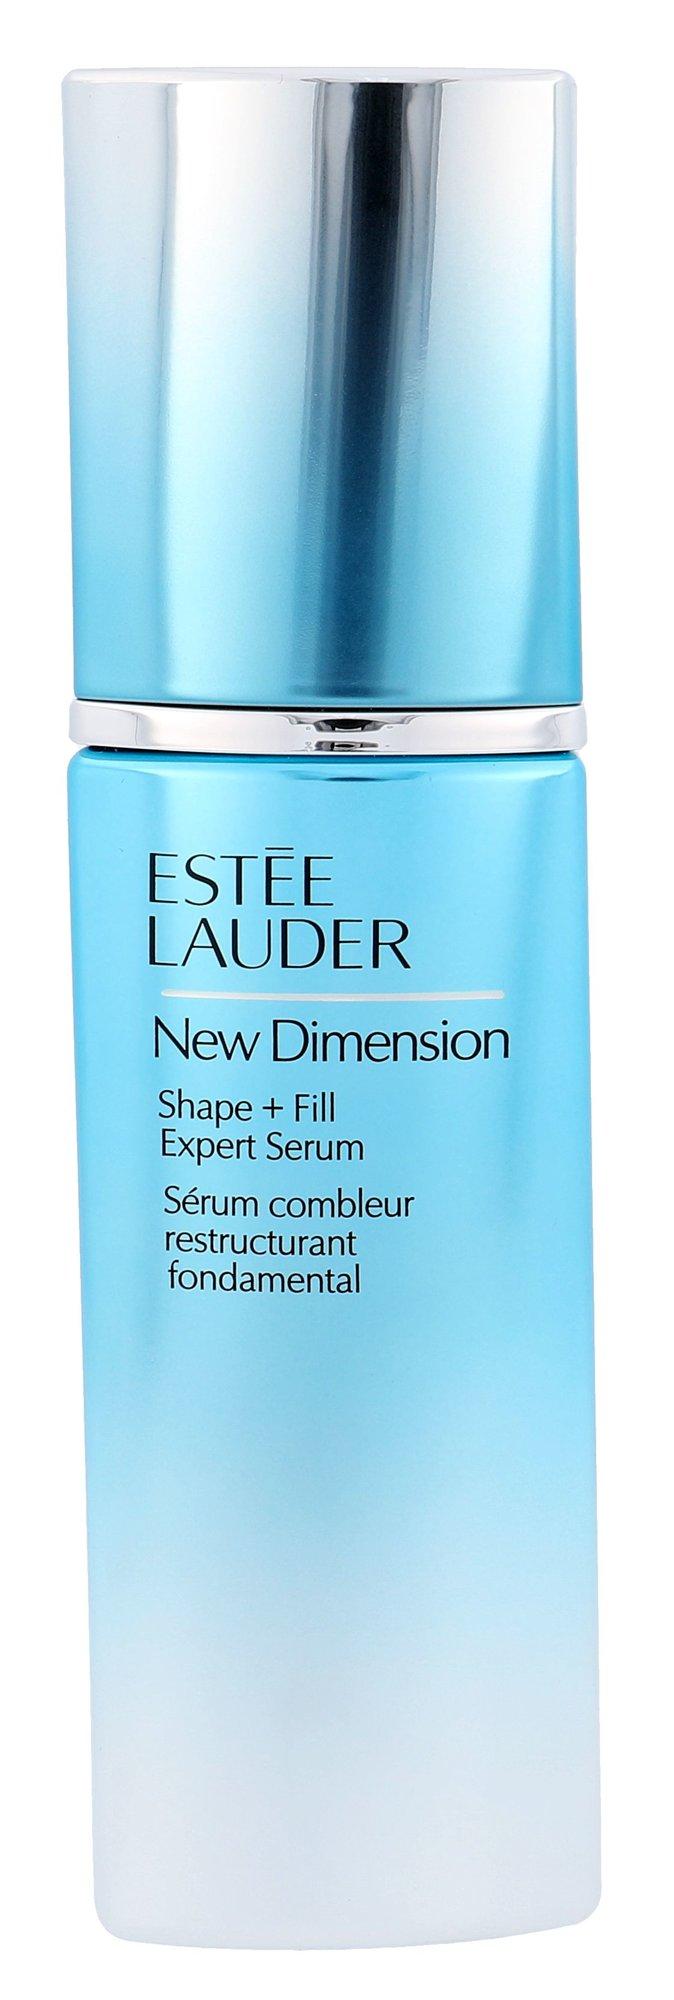 Estée Lauder New Dimension Cosmetic 50ml